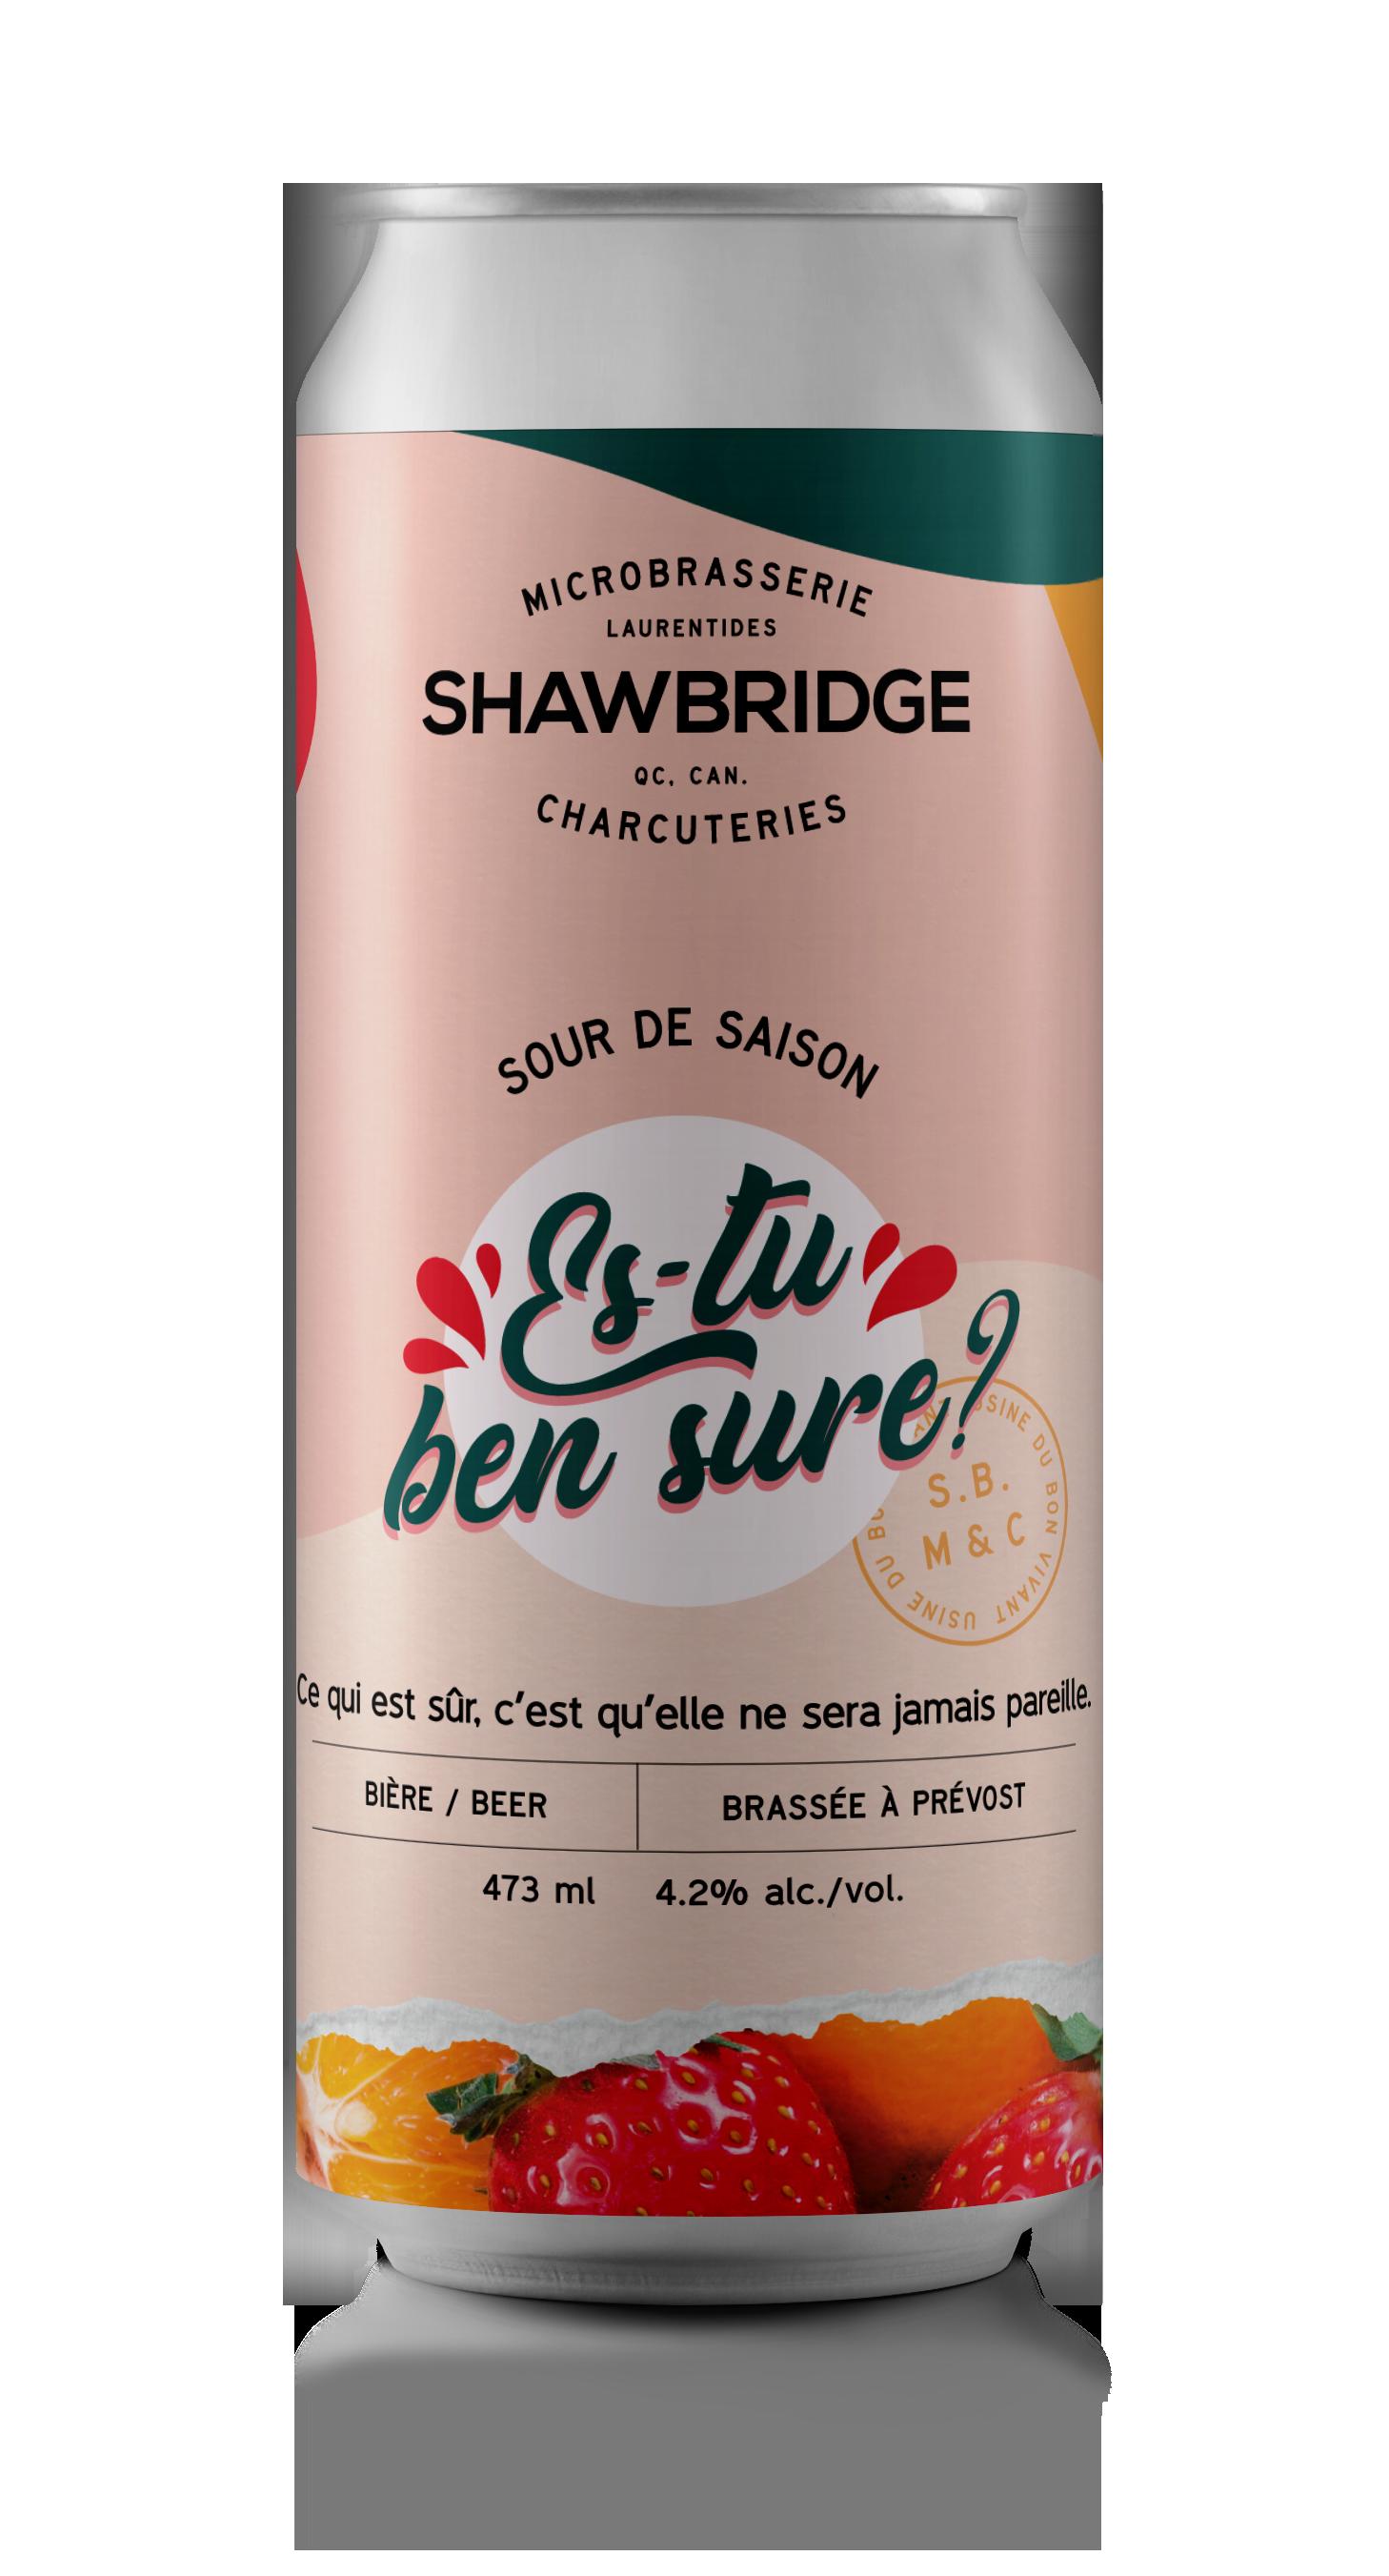 Canette de bière Shawbridge Es-tu ben sure?